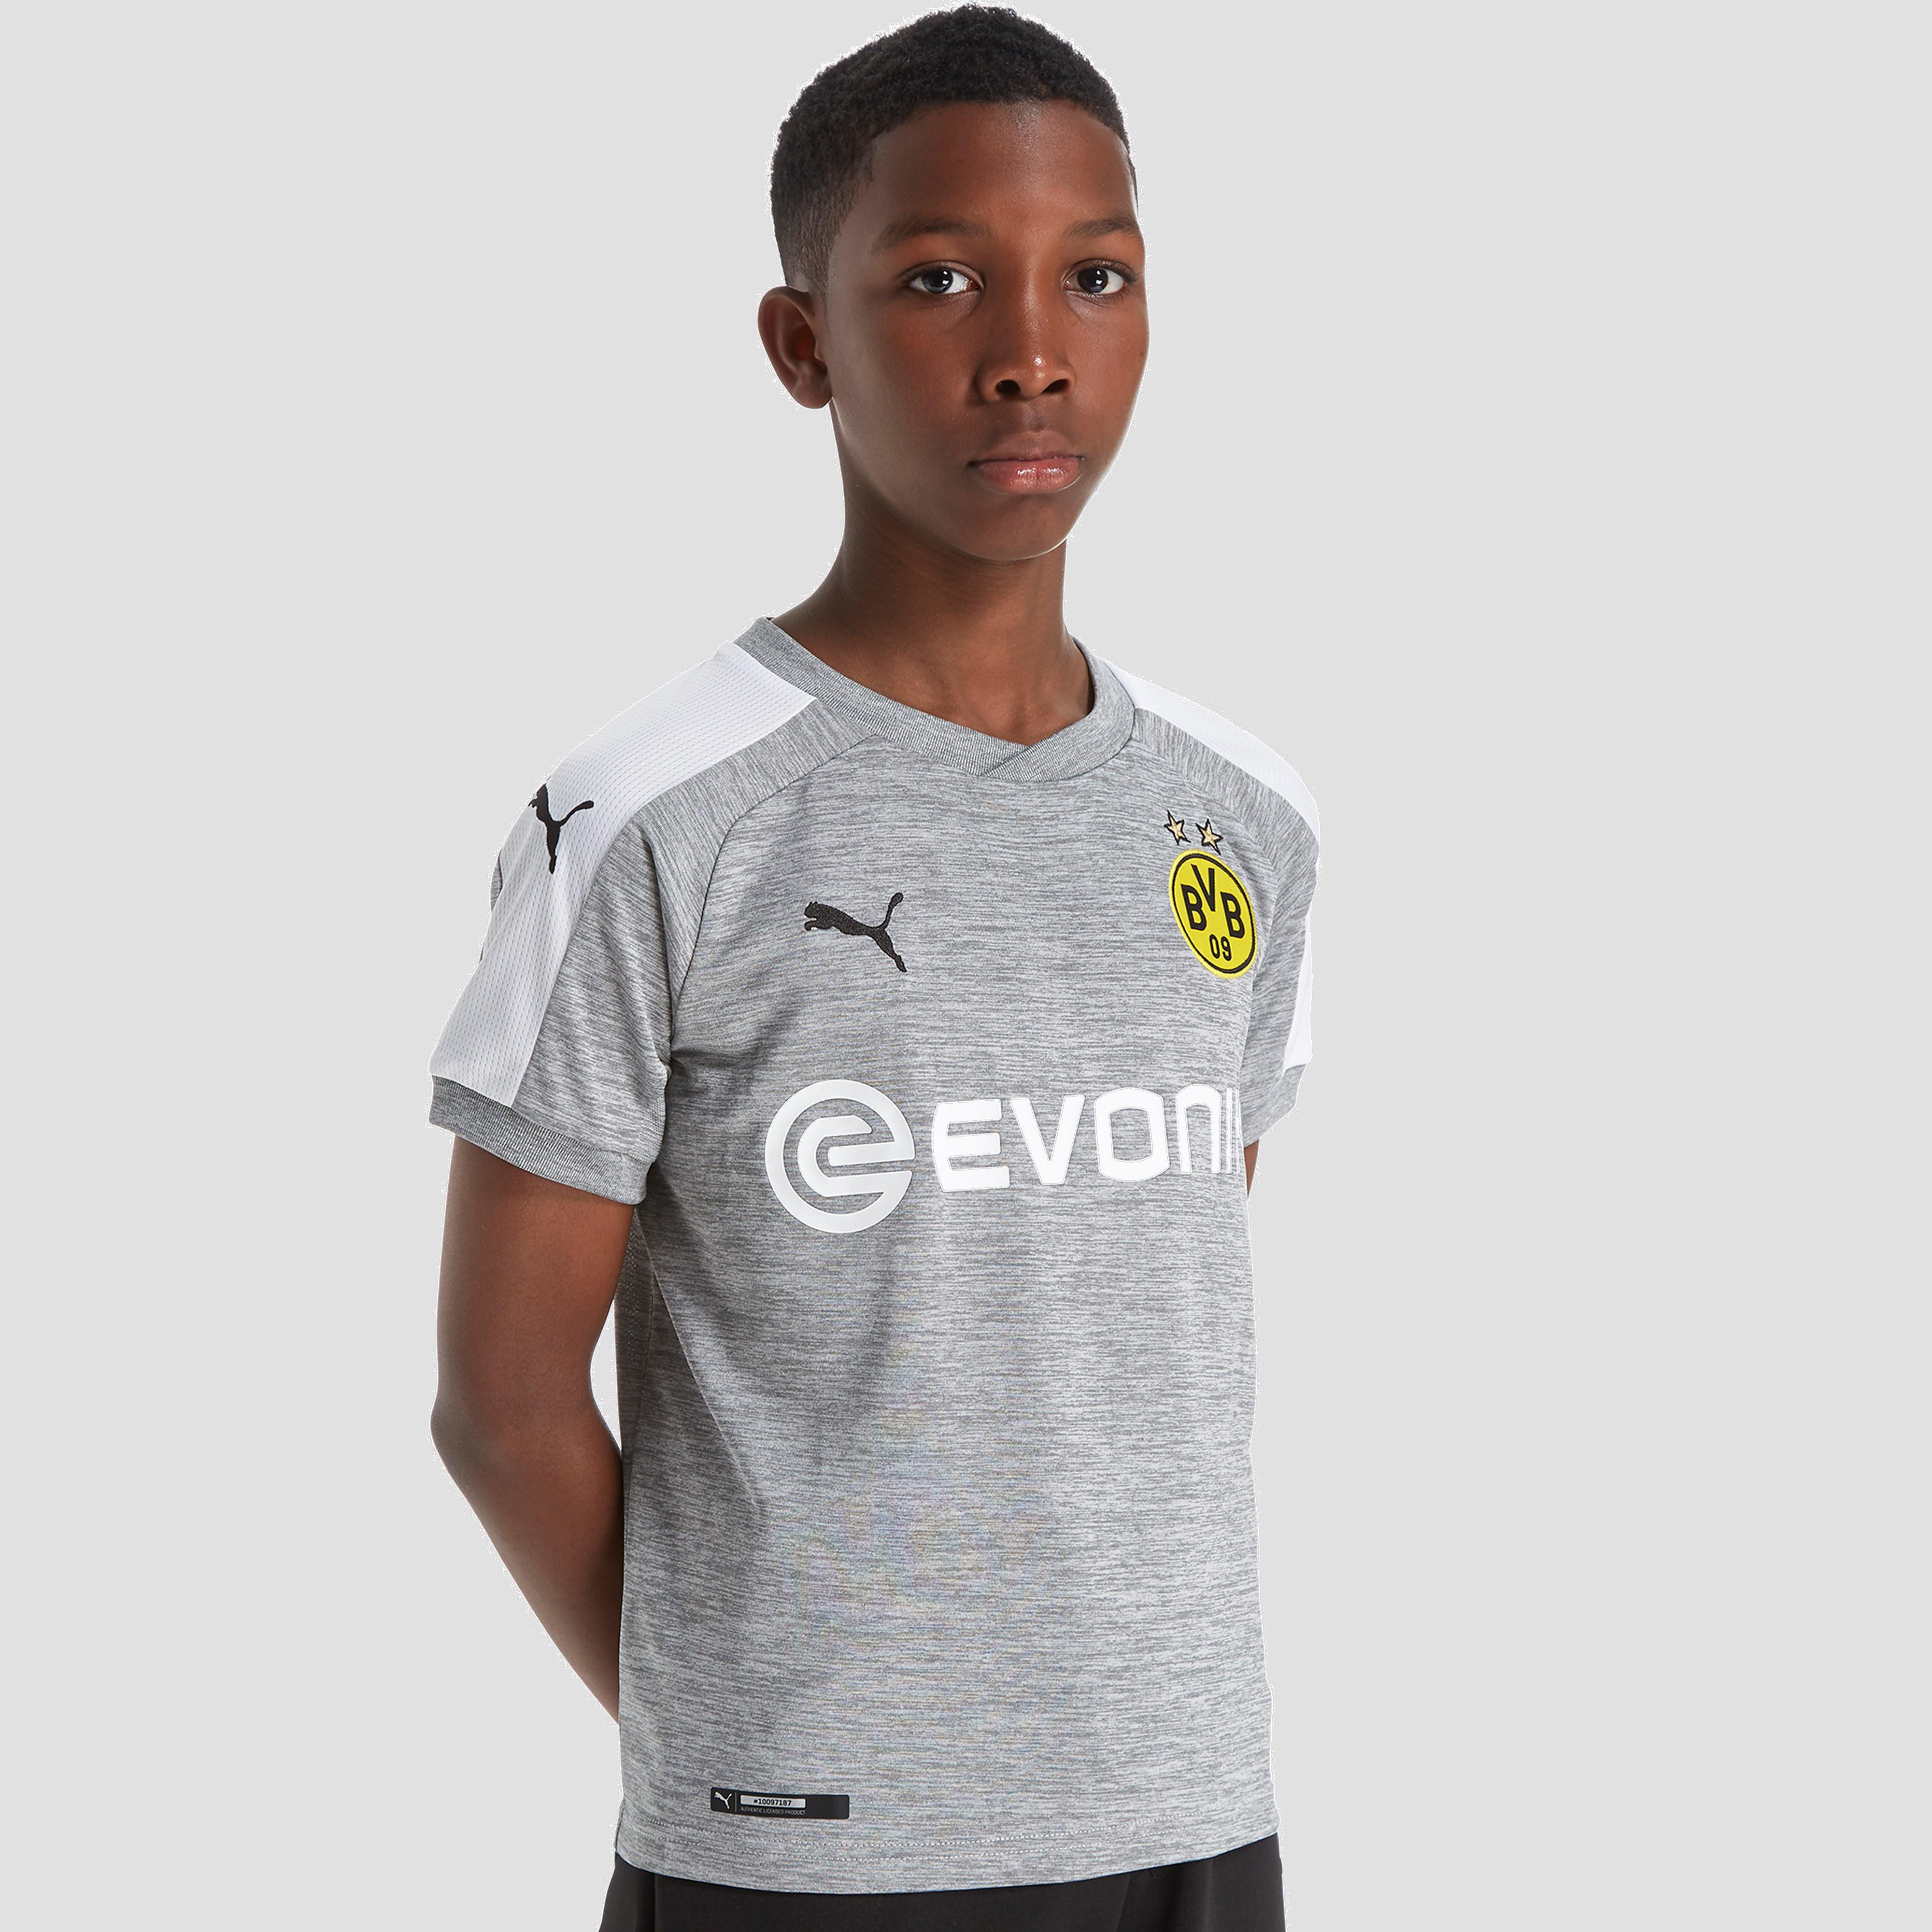 PUMA Borussia Dortmund 2017/18 Third Shirt Junior